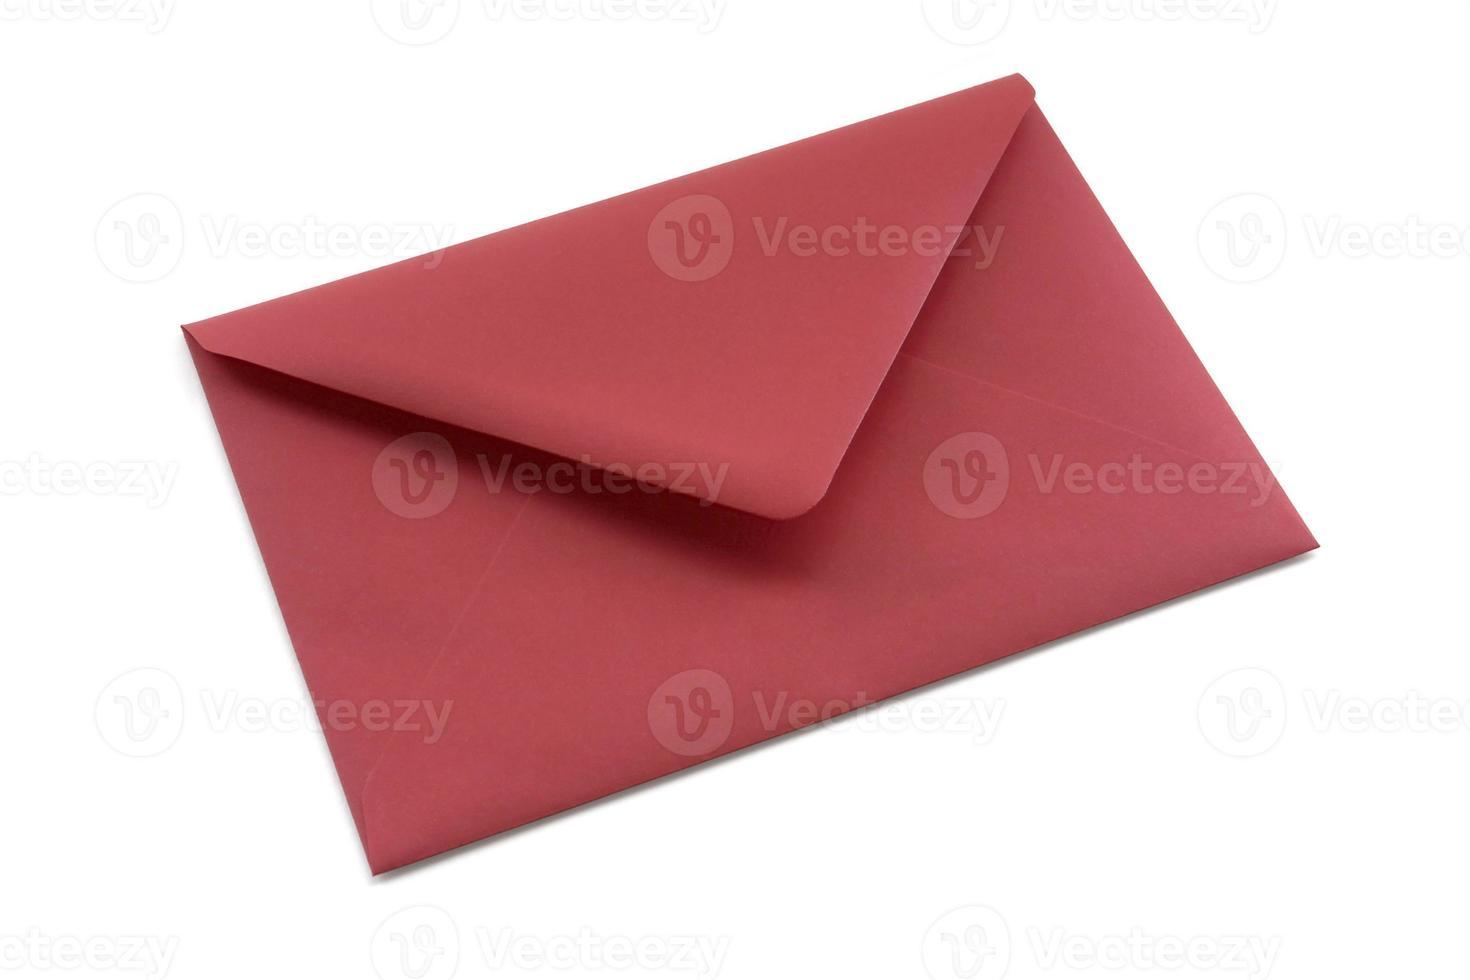 rode envelop foto